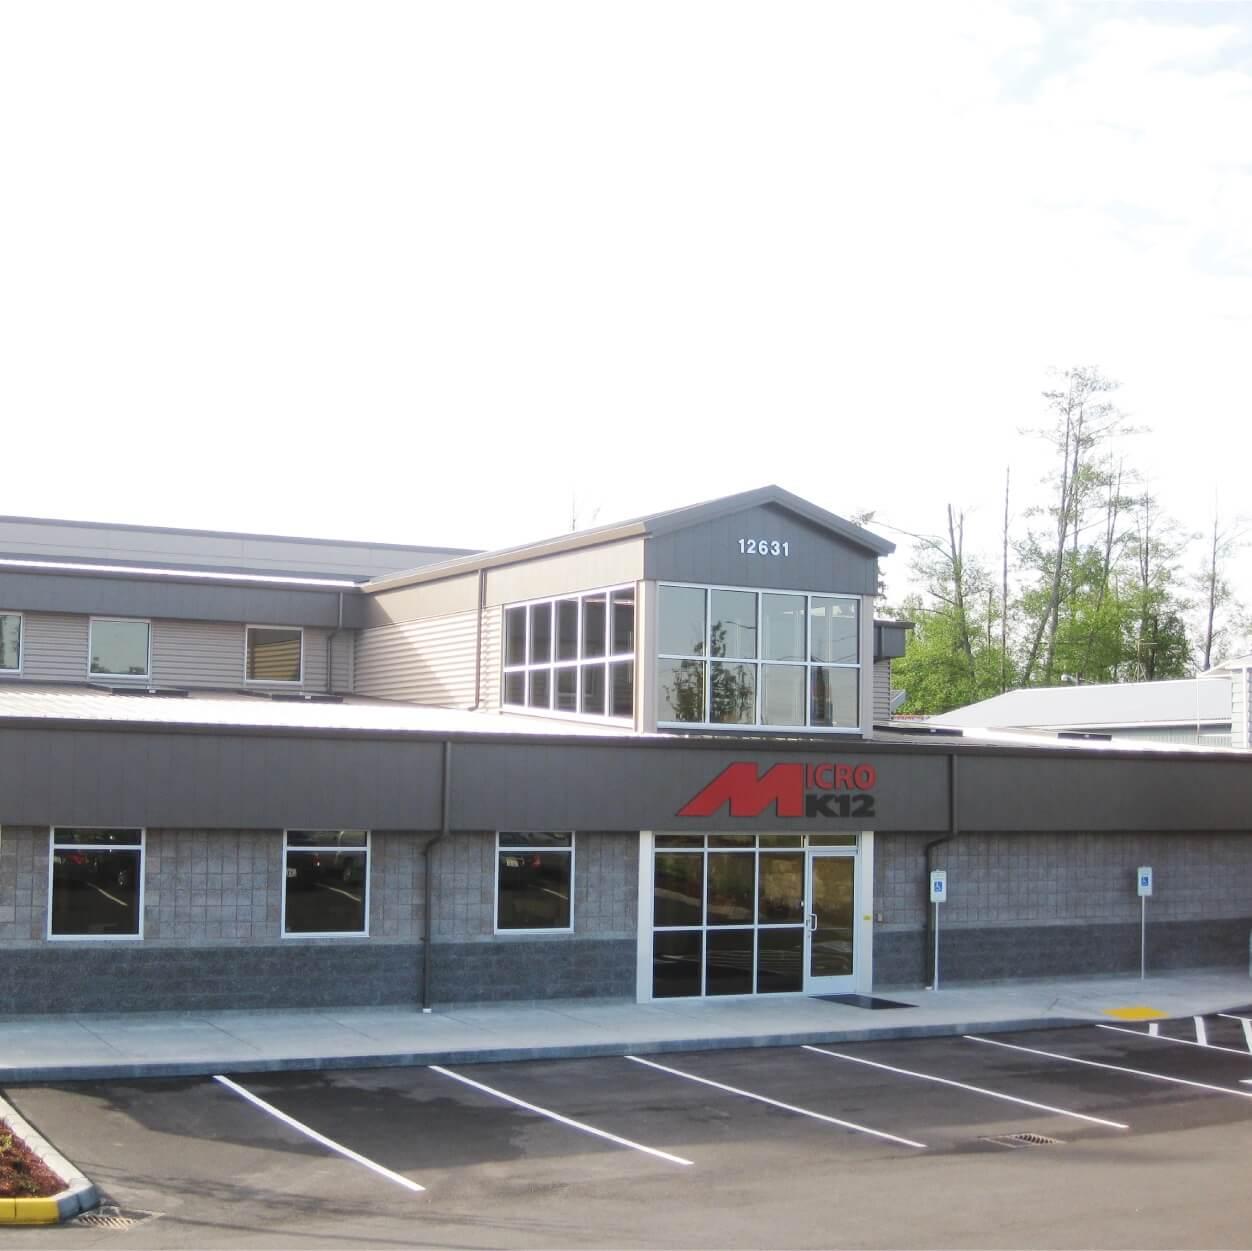 MicroK12 Headquarters in Lynnwood, WA